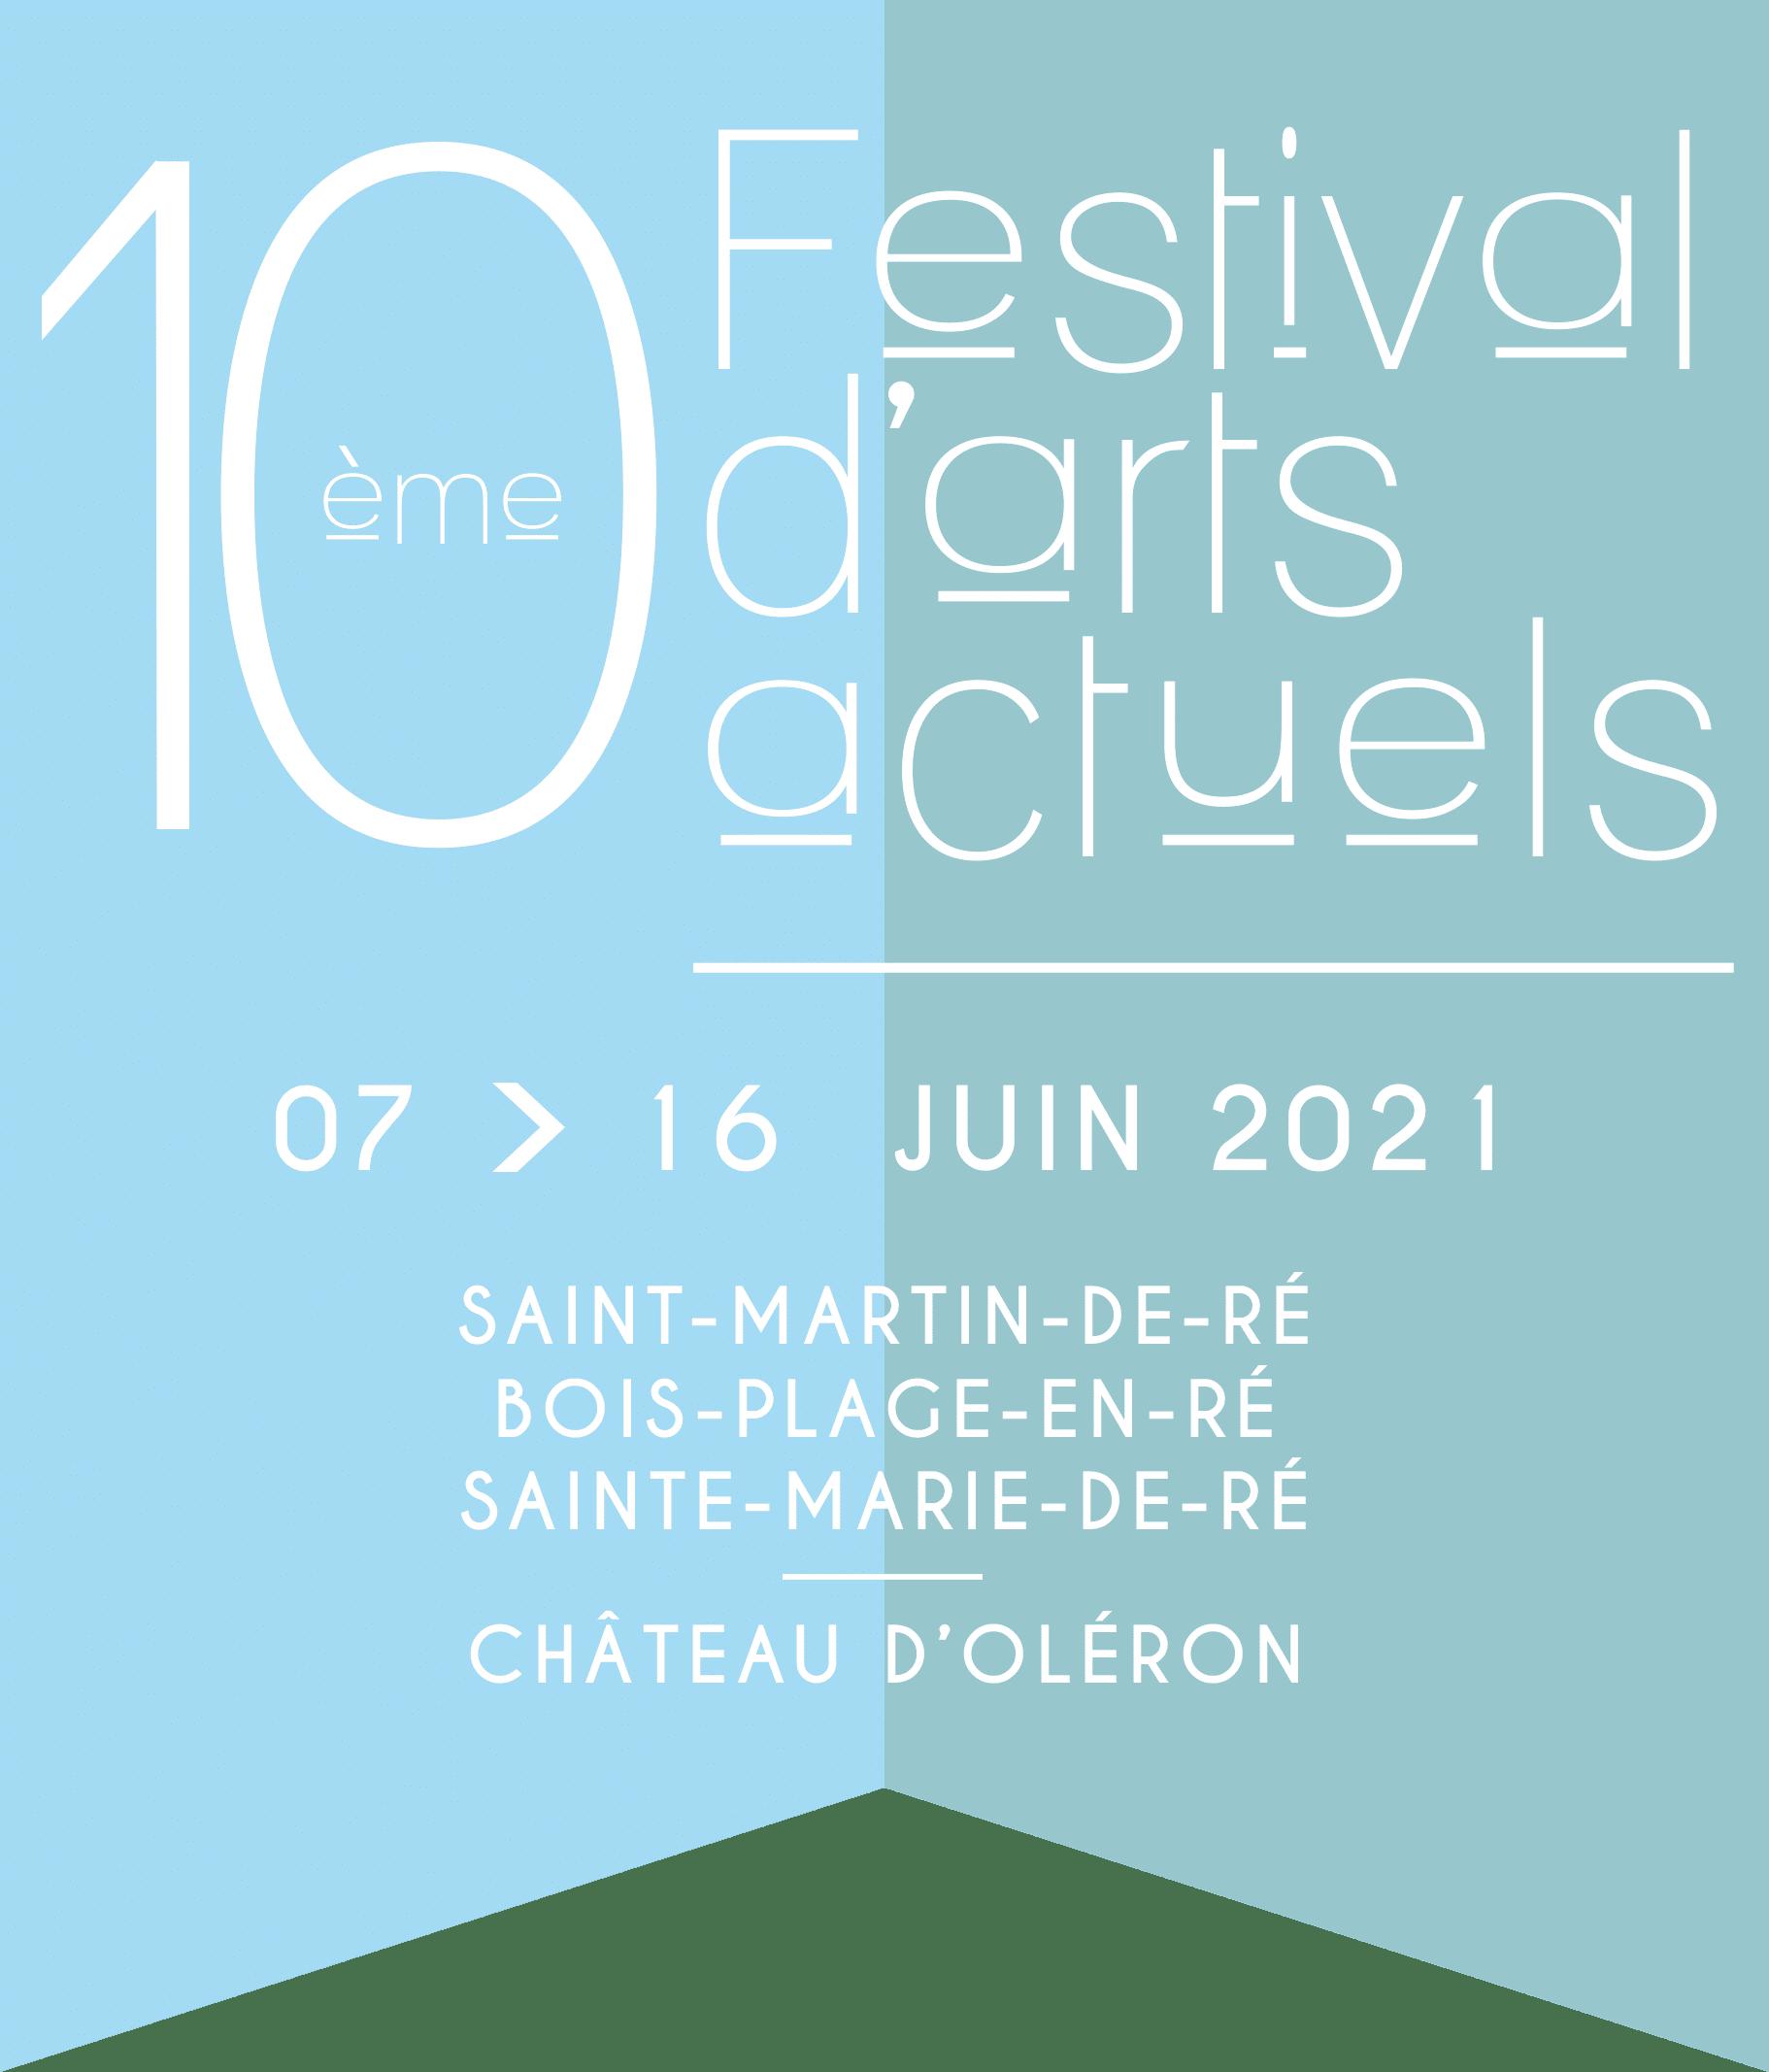 10ème Festival d'Arts Actuels